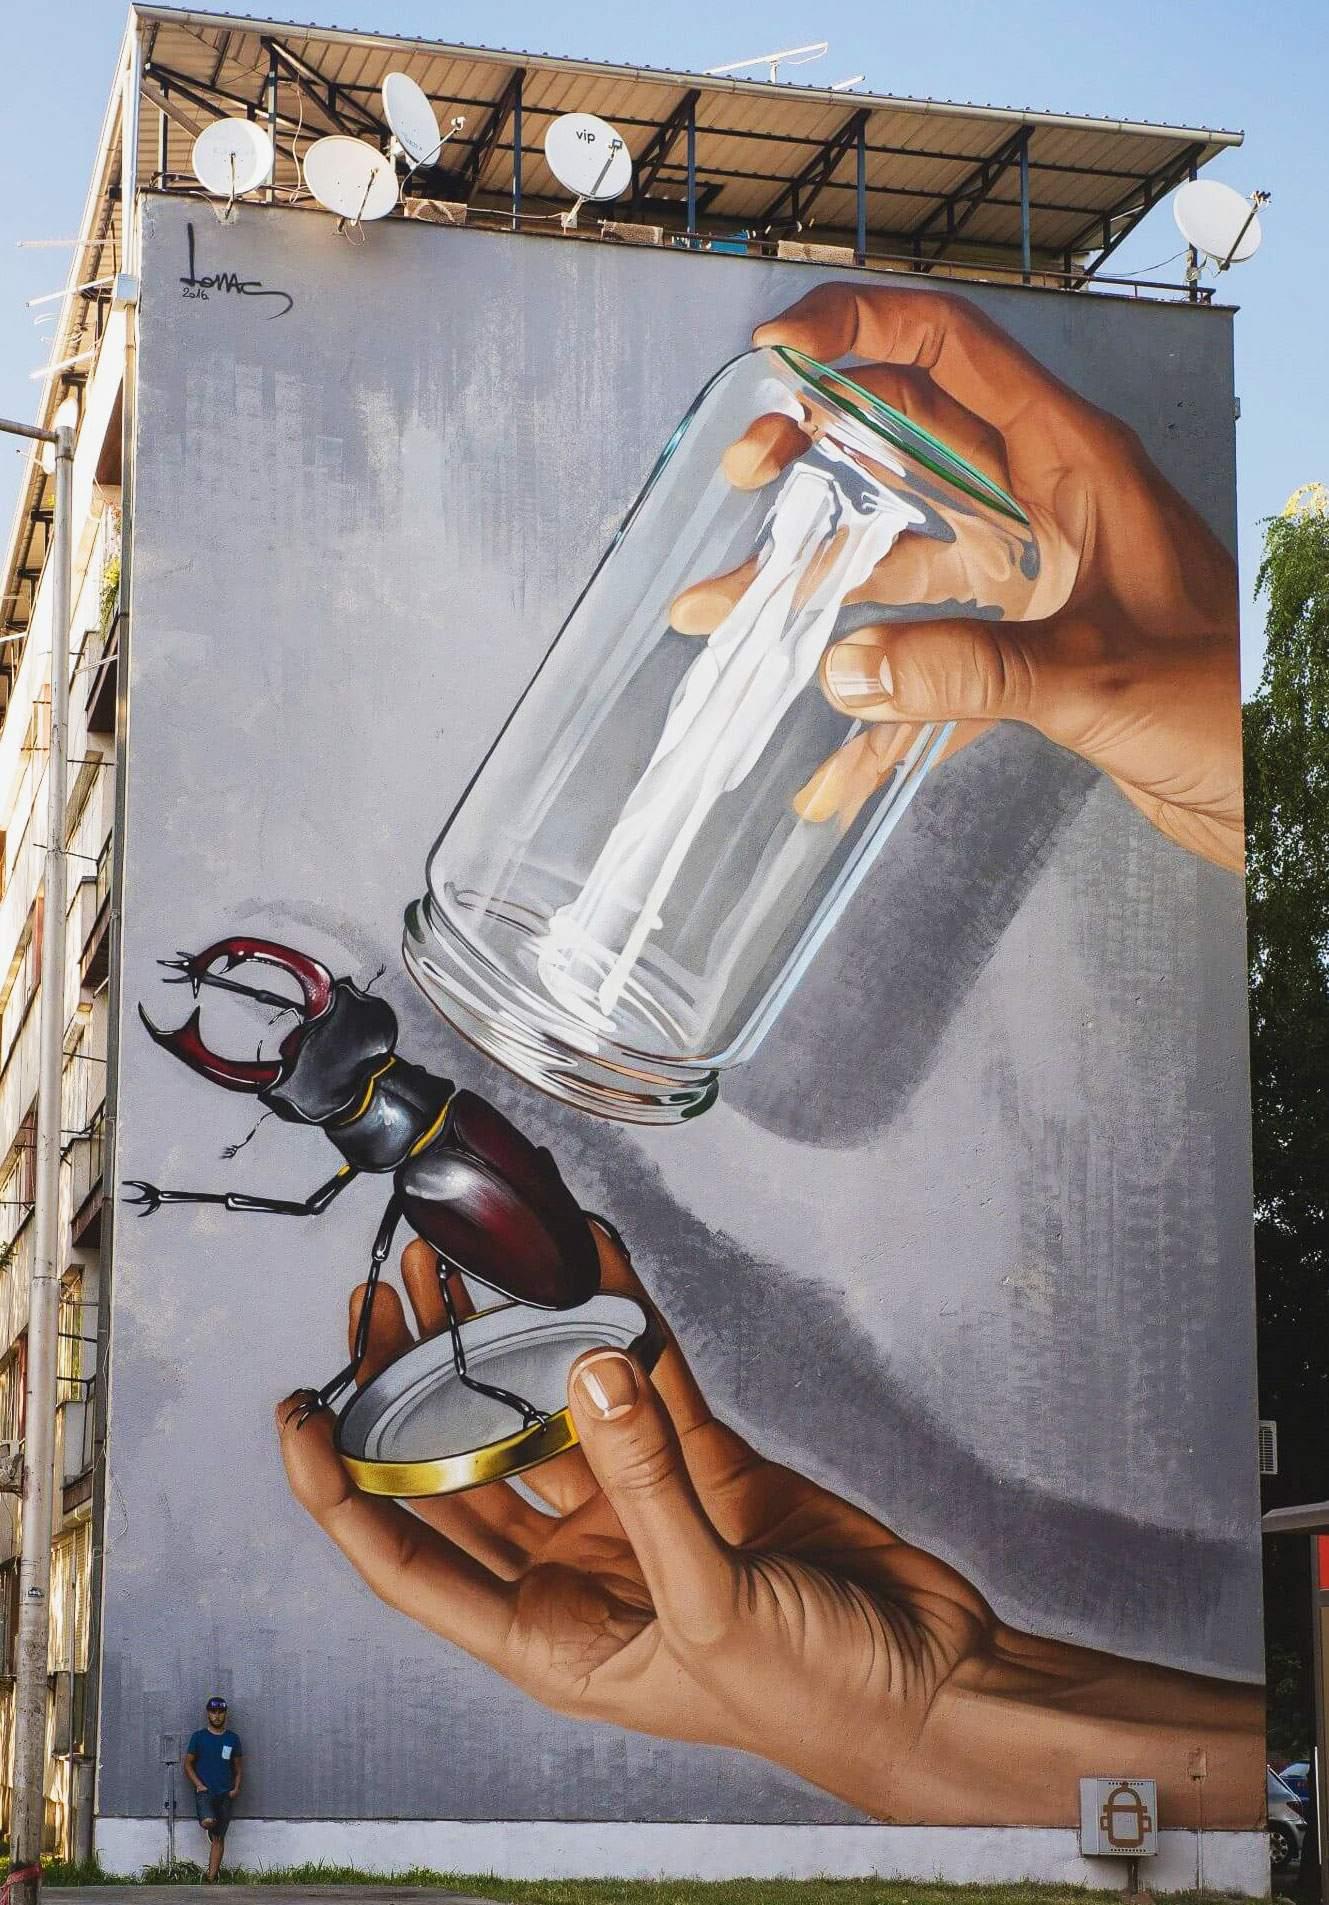 rethink-street-art-sisak-croatia